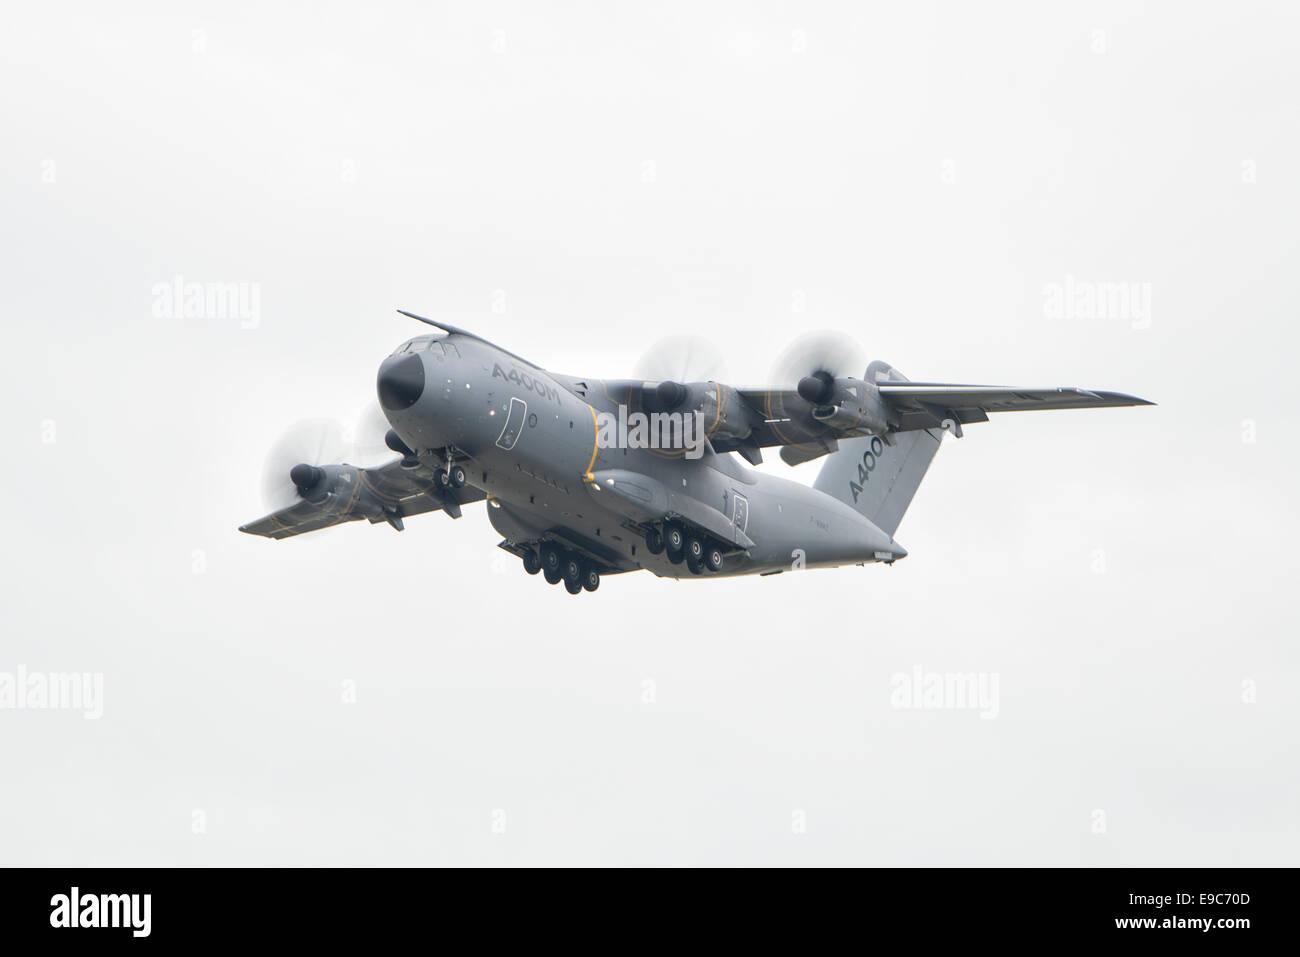 Der europäische Airbus A400 Atlas Military Transport Aircraft hat eine ungewöhnliche Propeller-Konfiguration. Stockbild